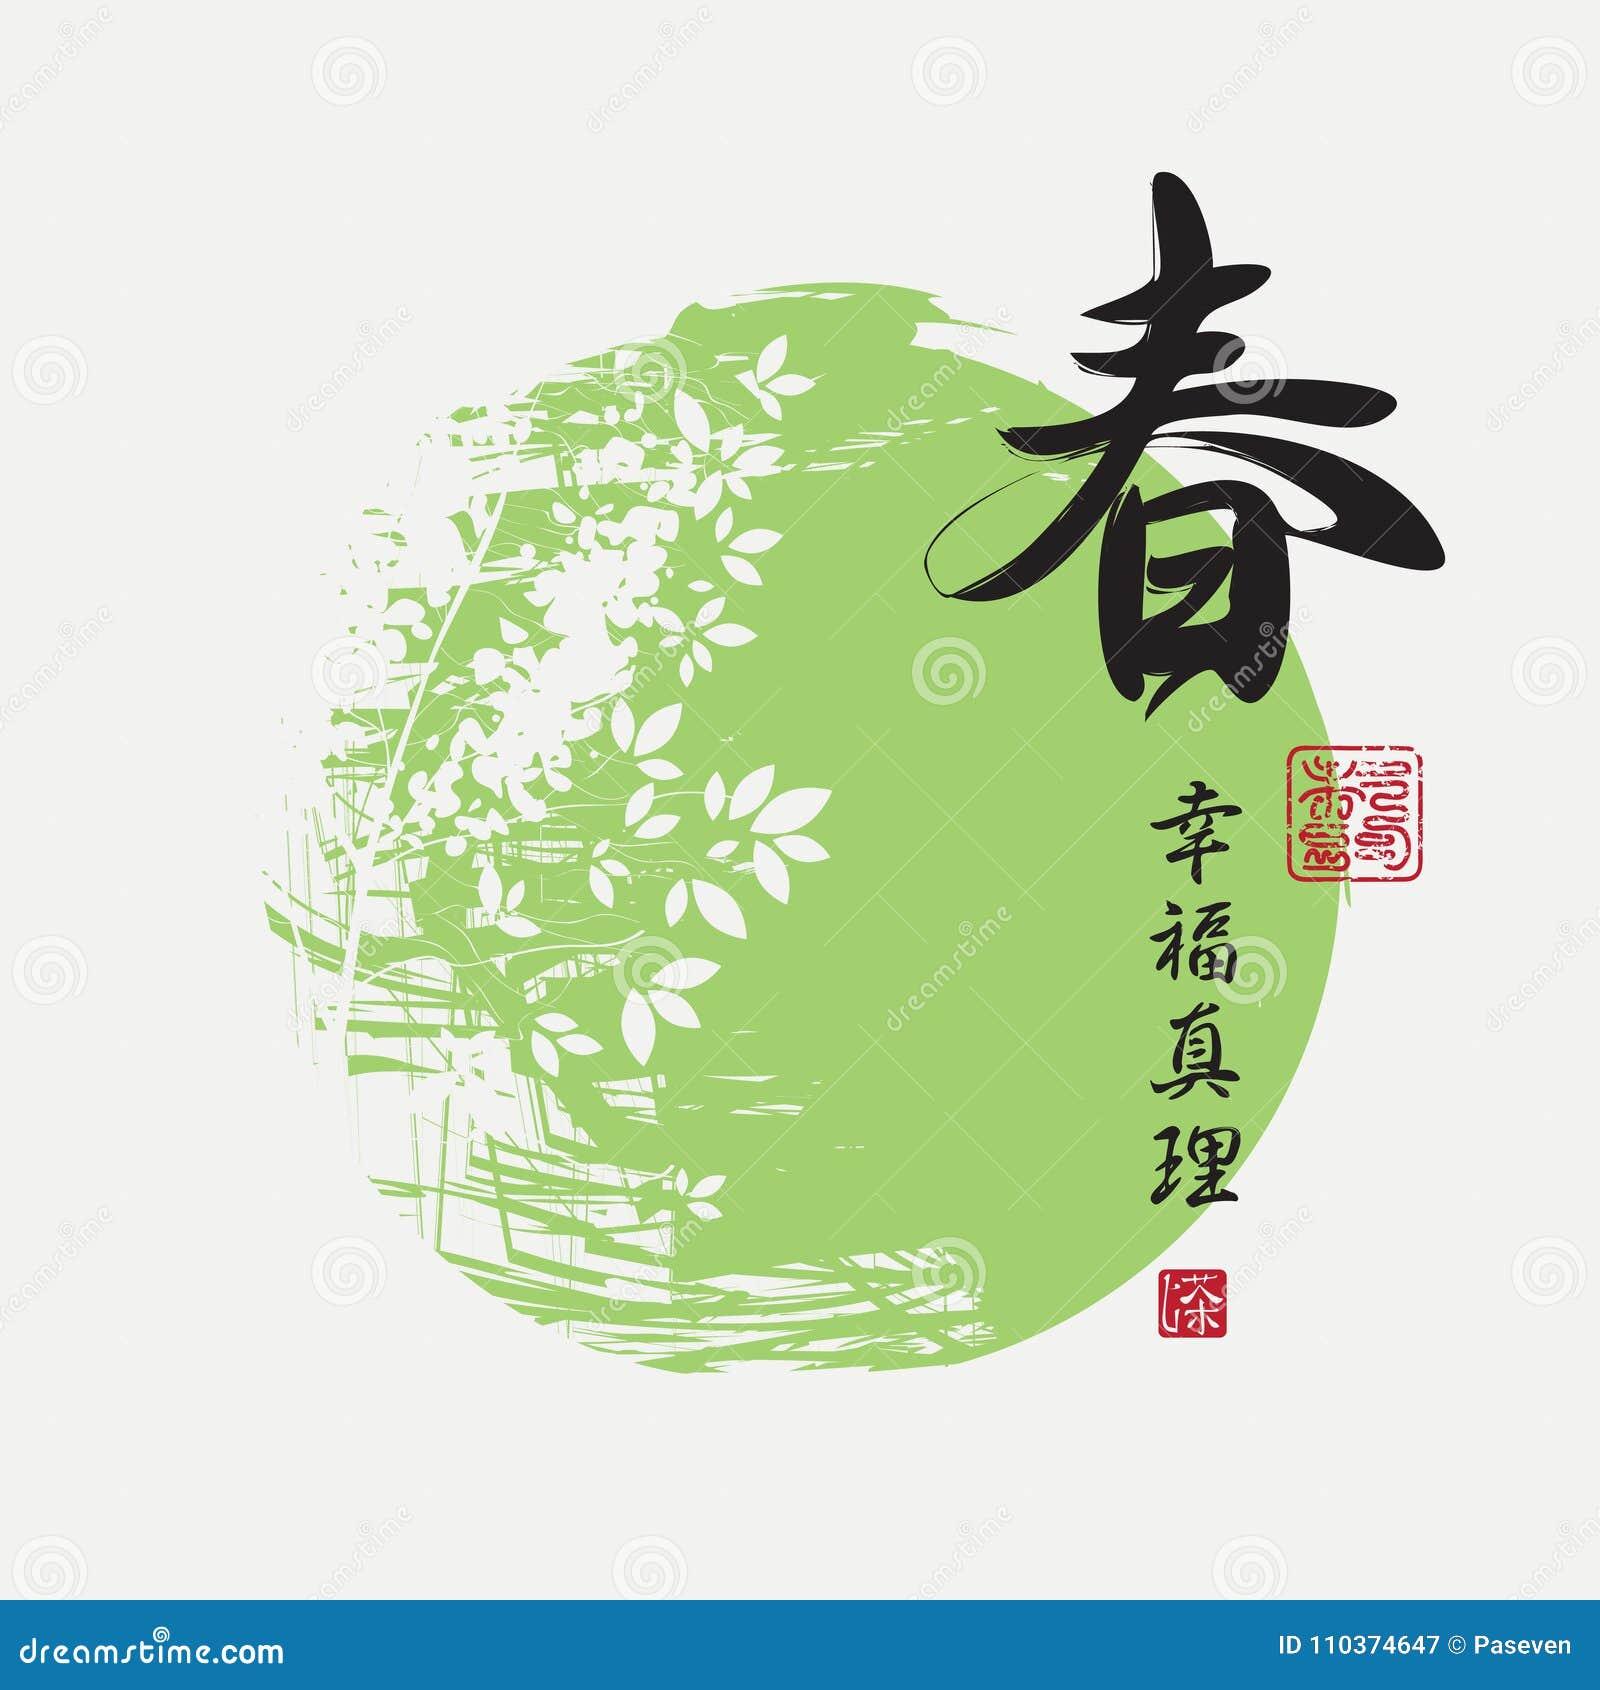 Οι κινεζικοί χαρακτήρες αναπηδούν, ευτυχία, αλήθεια